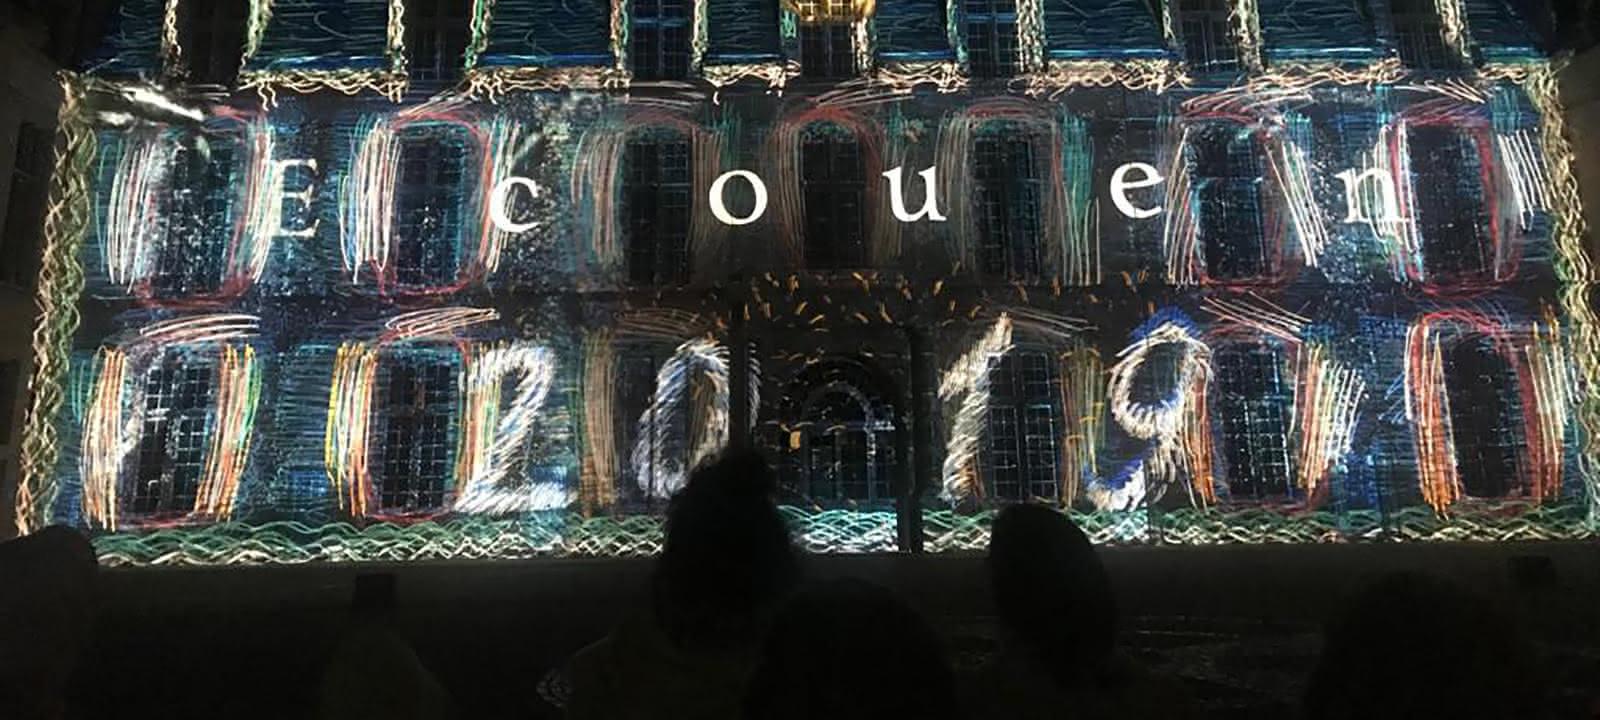 Photo du spectacle Aplanos lors de l'affichage 'Ecouen 2019' sur la façade du château d'Ecouen, musée national de la Renaissance